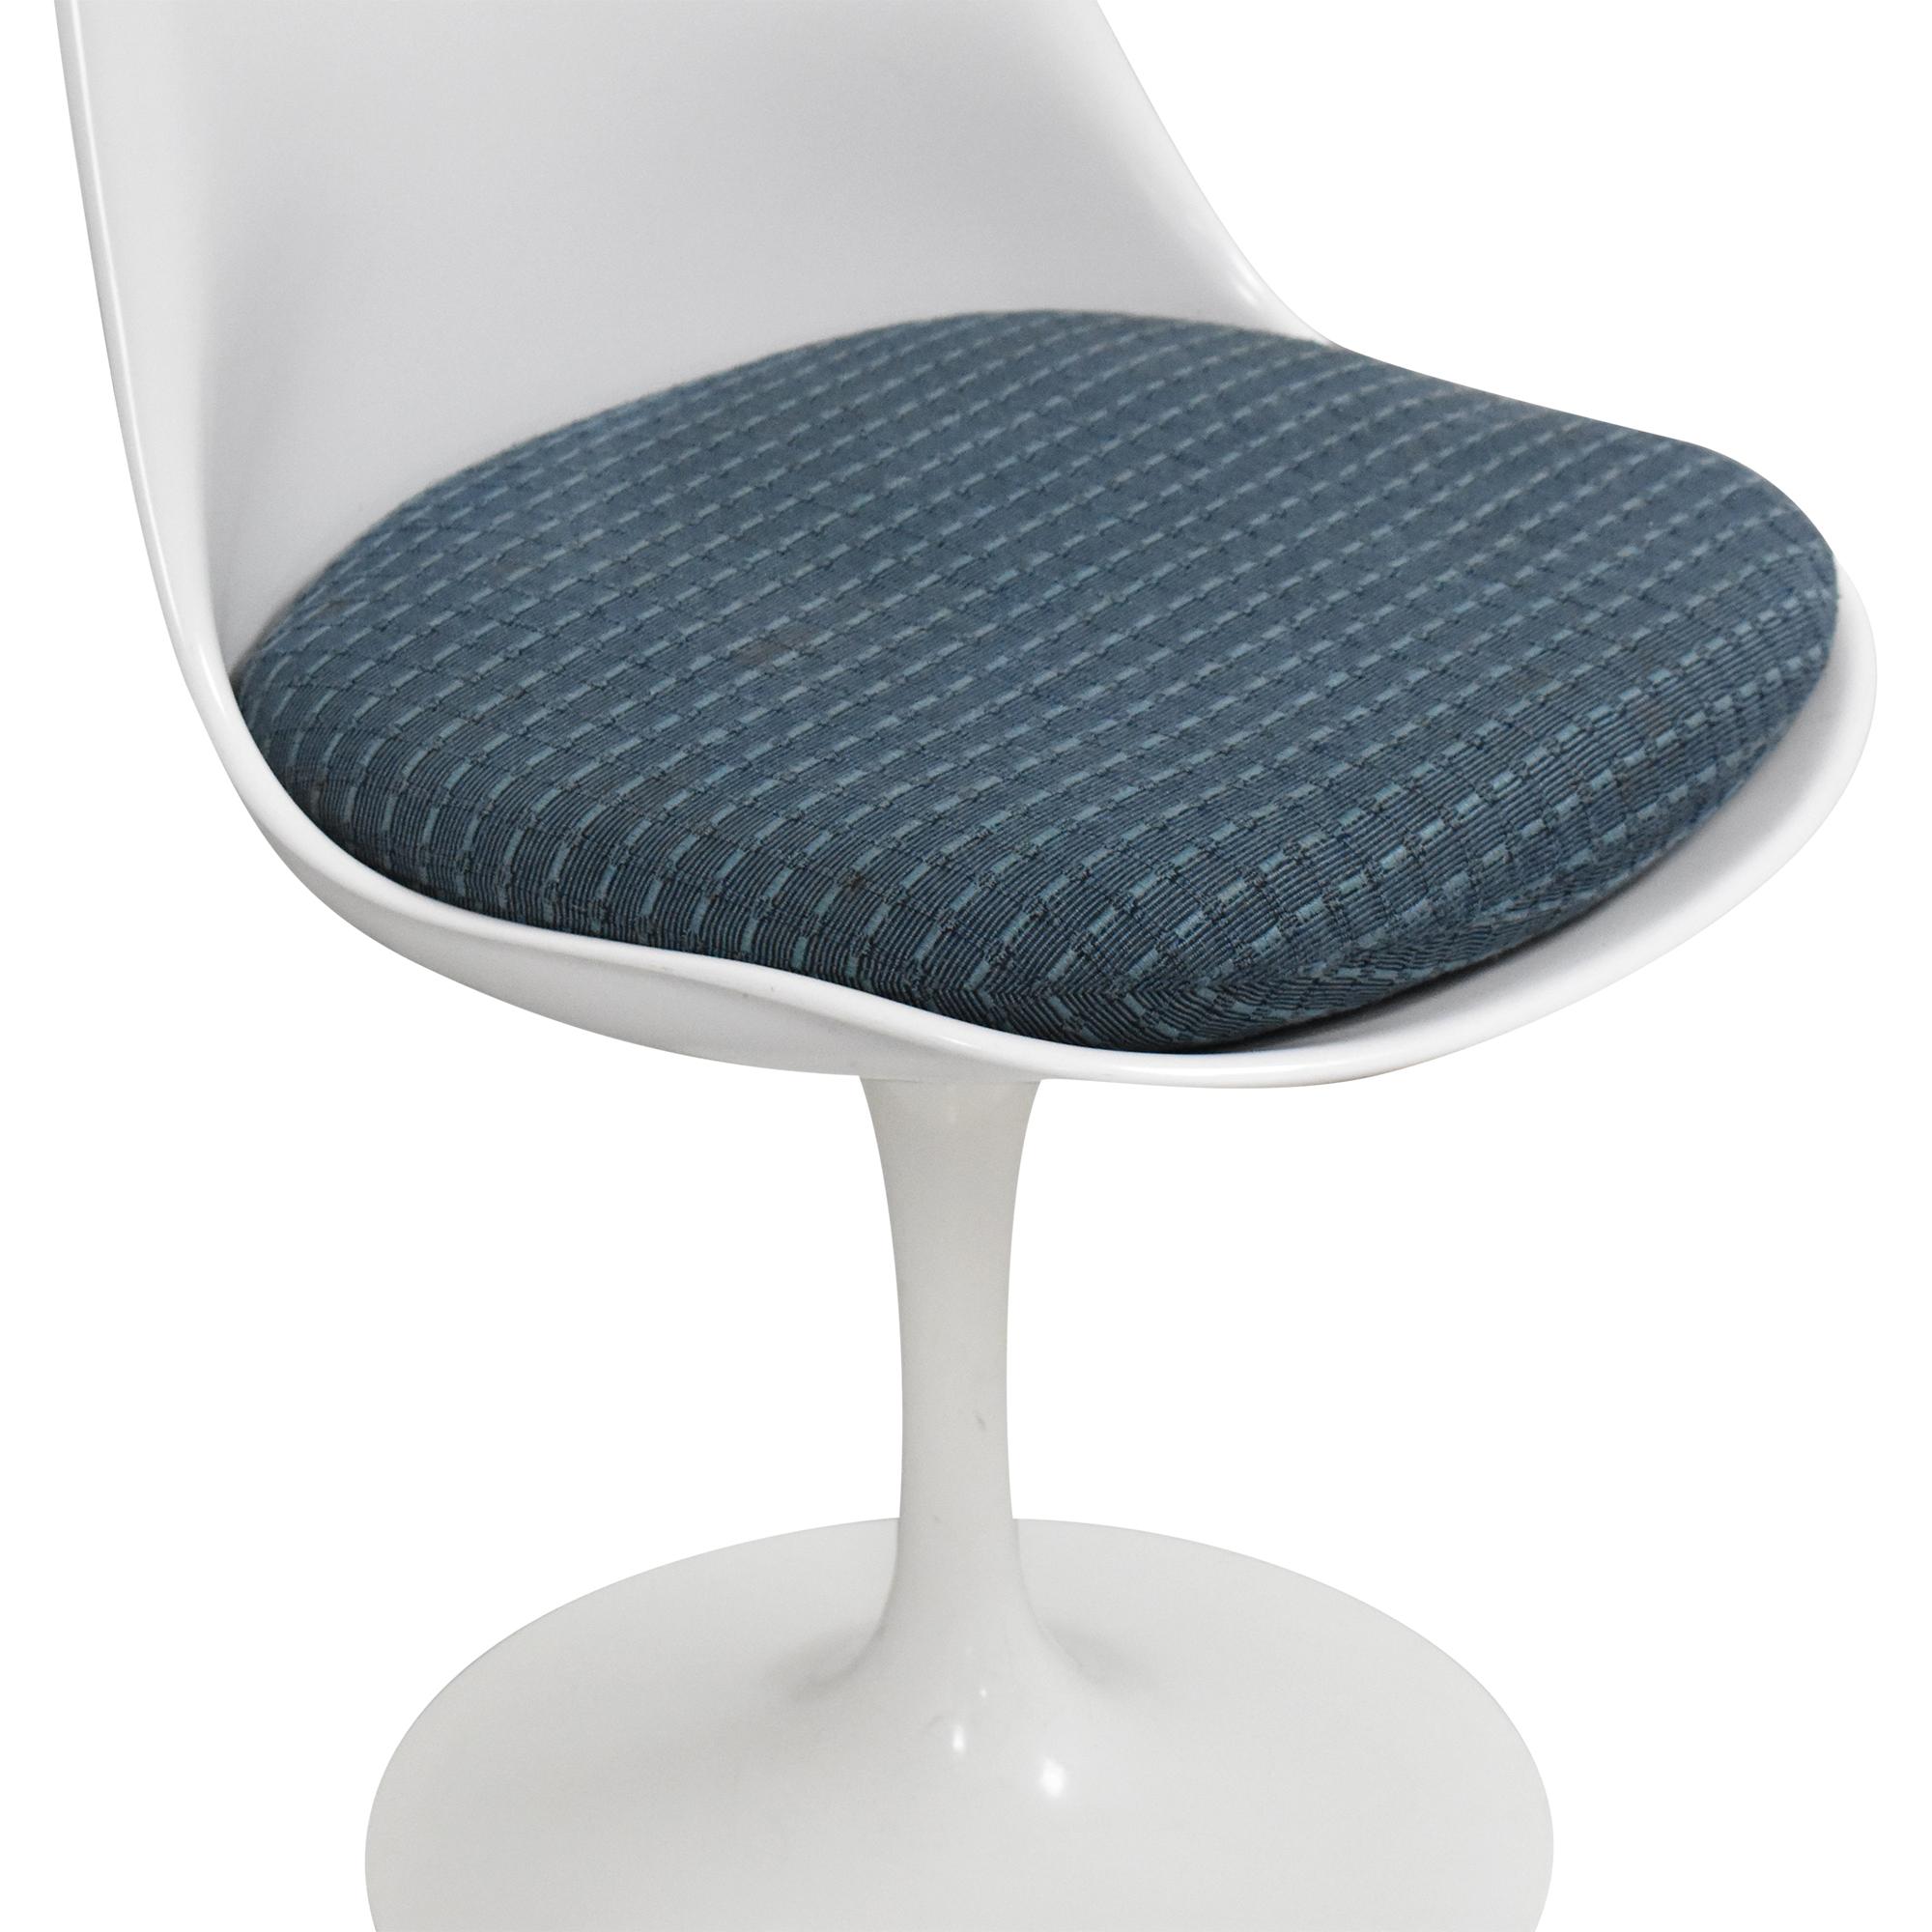 Knoll Knoll Tulip Eero Saarinen Chair dimensions